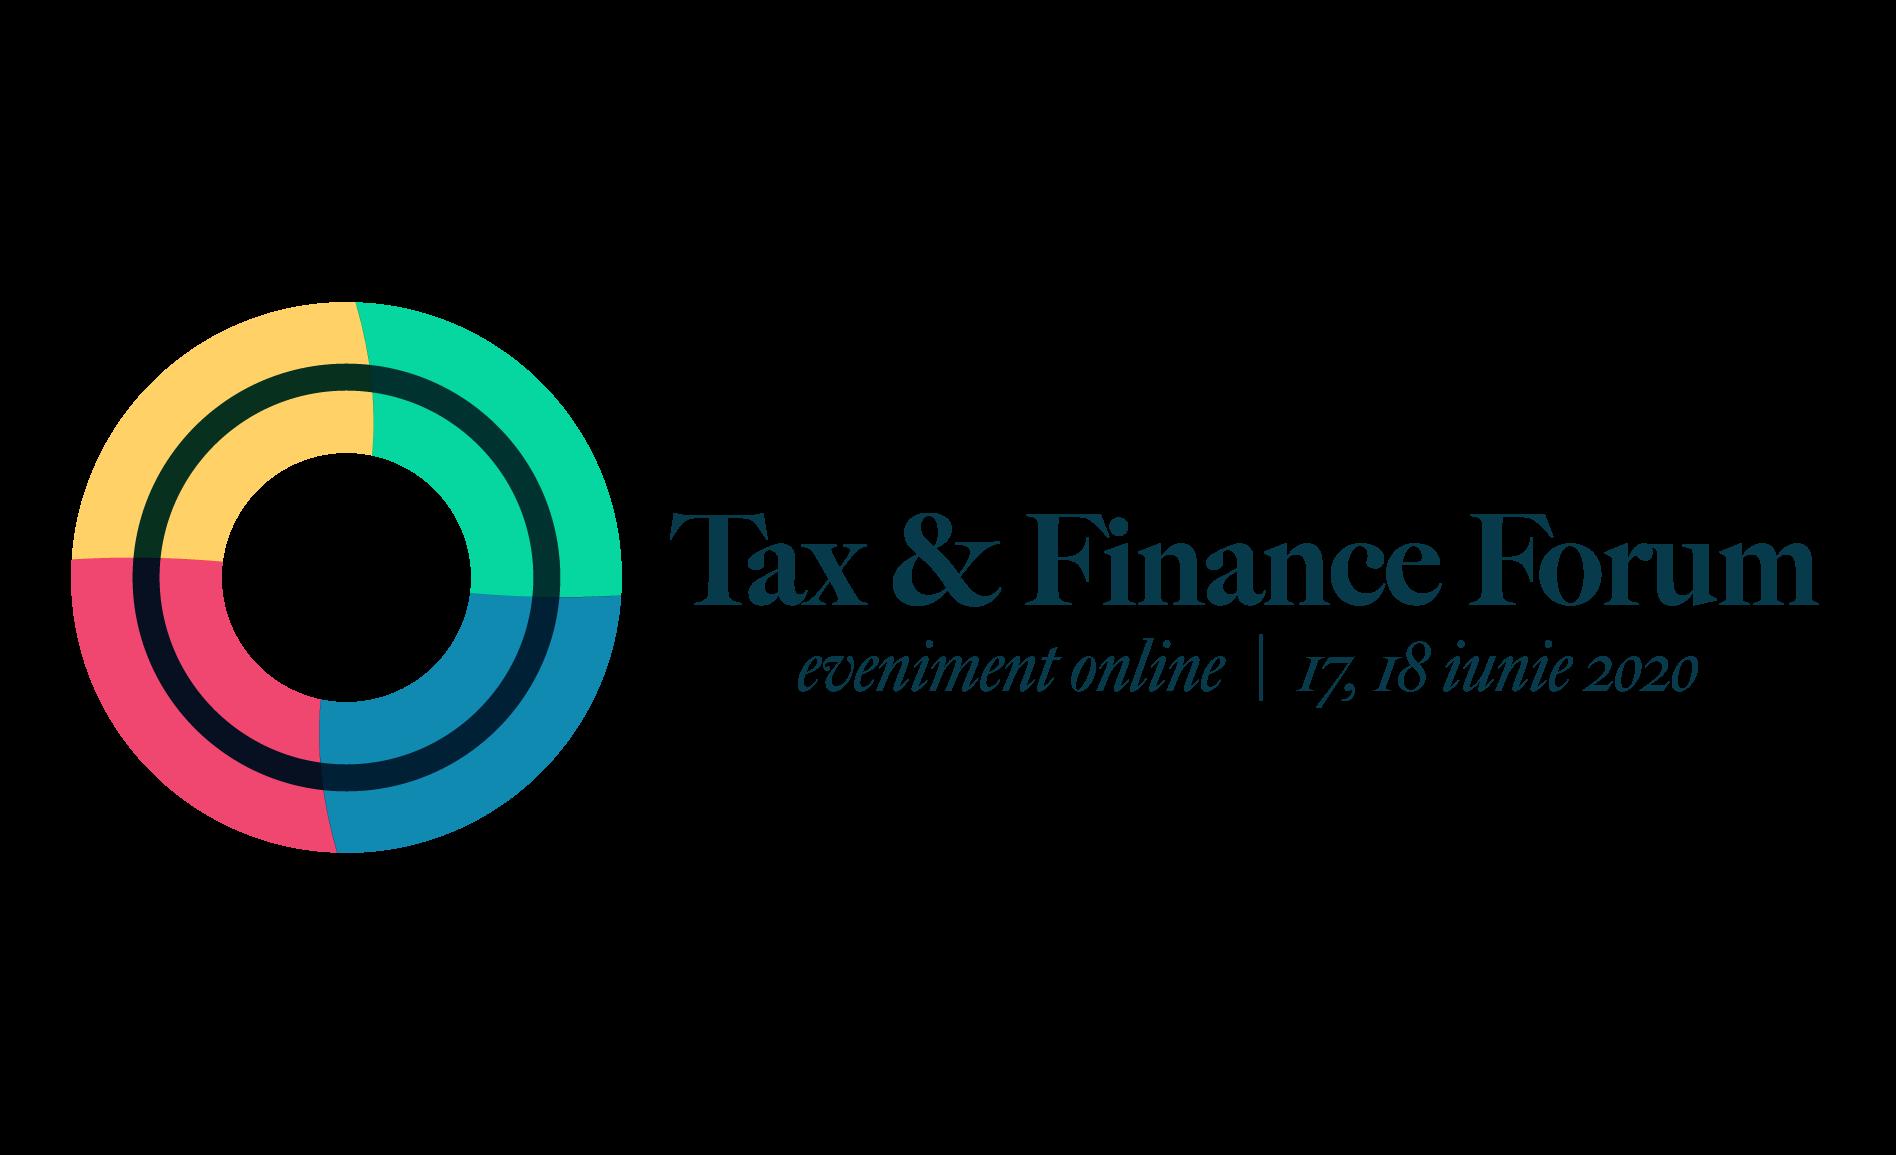 Tax & Finance Forum se mută în online! Aflați totul despre noul context legislativ și fiscal pe 17-18 iunie 2020